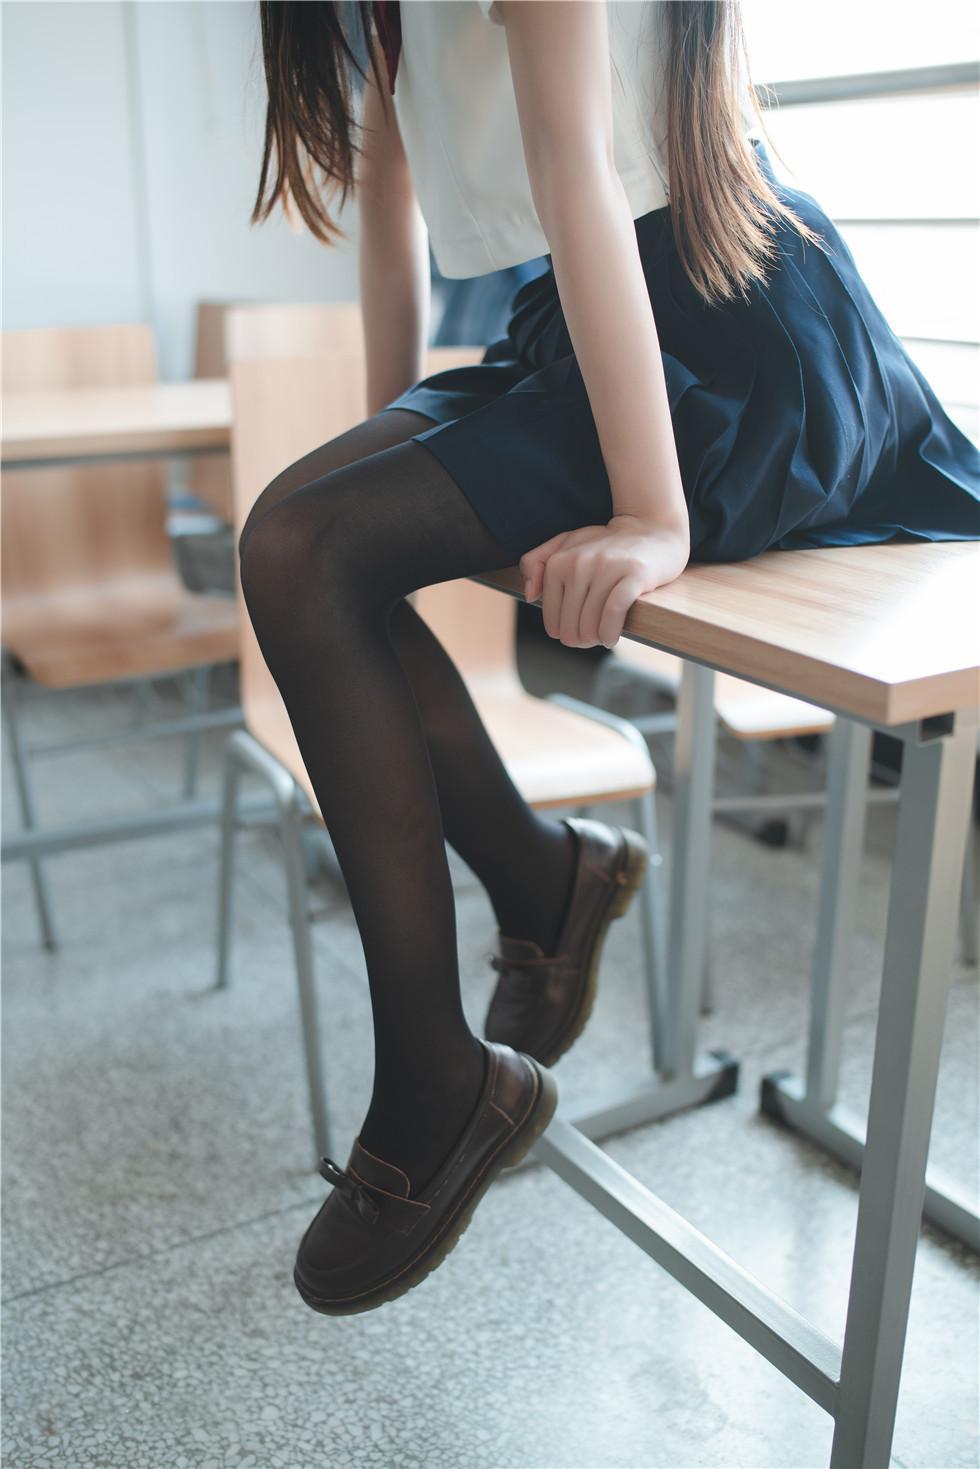 喵糖映画-黑丝学生服